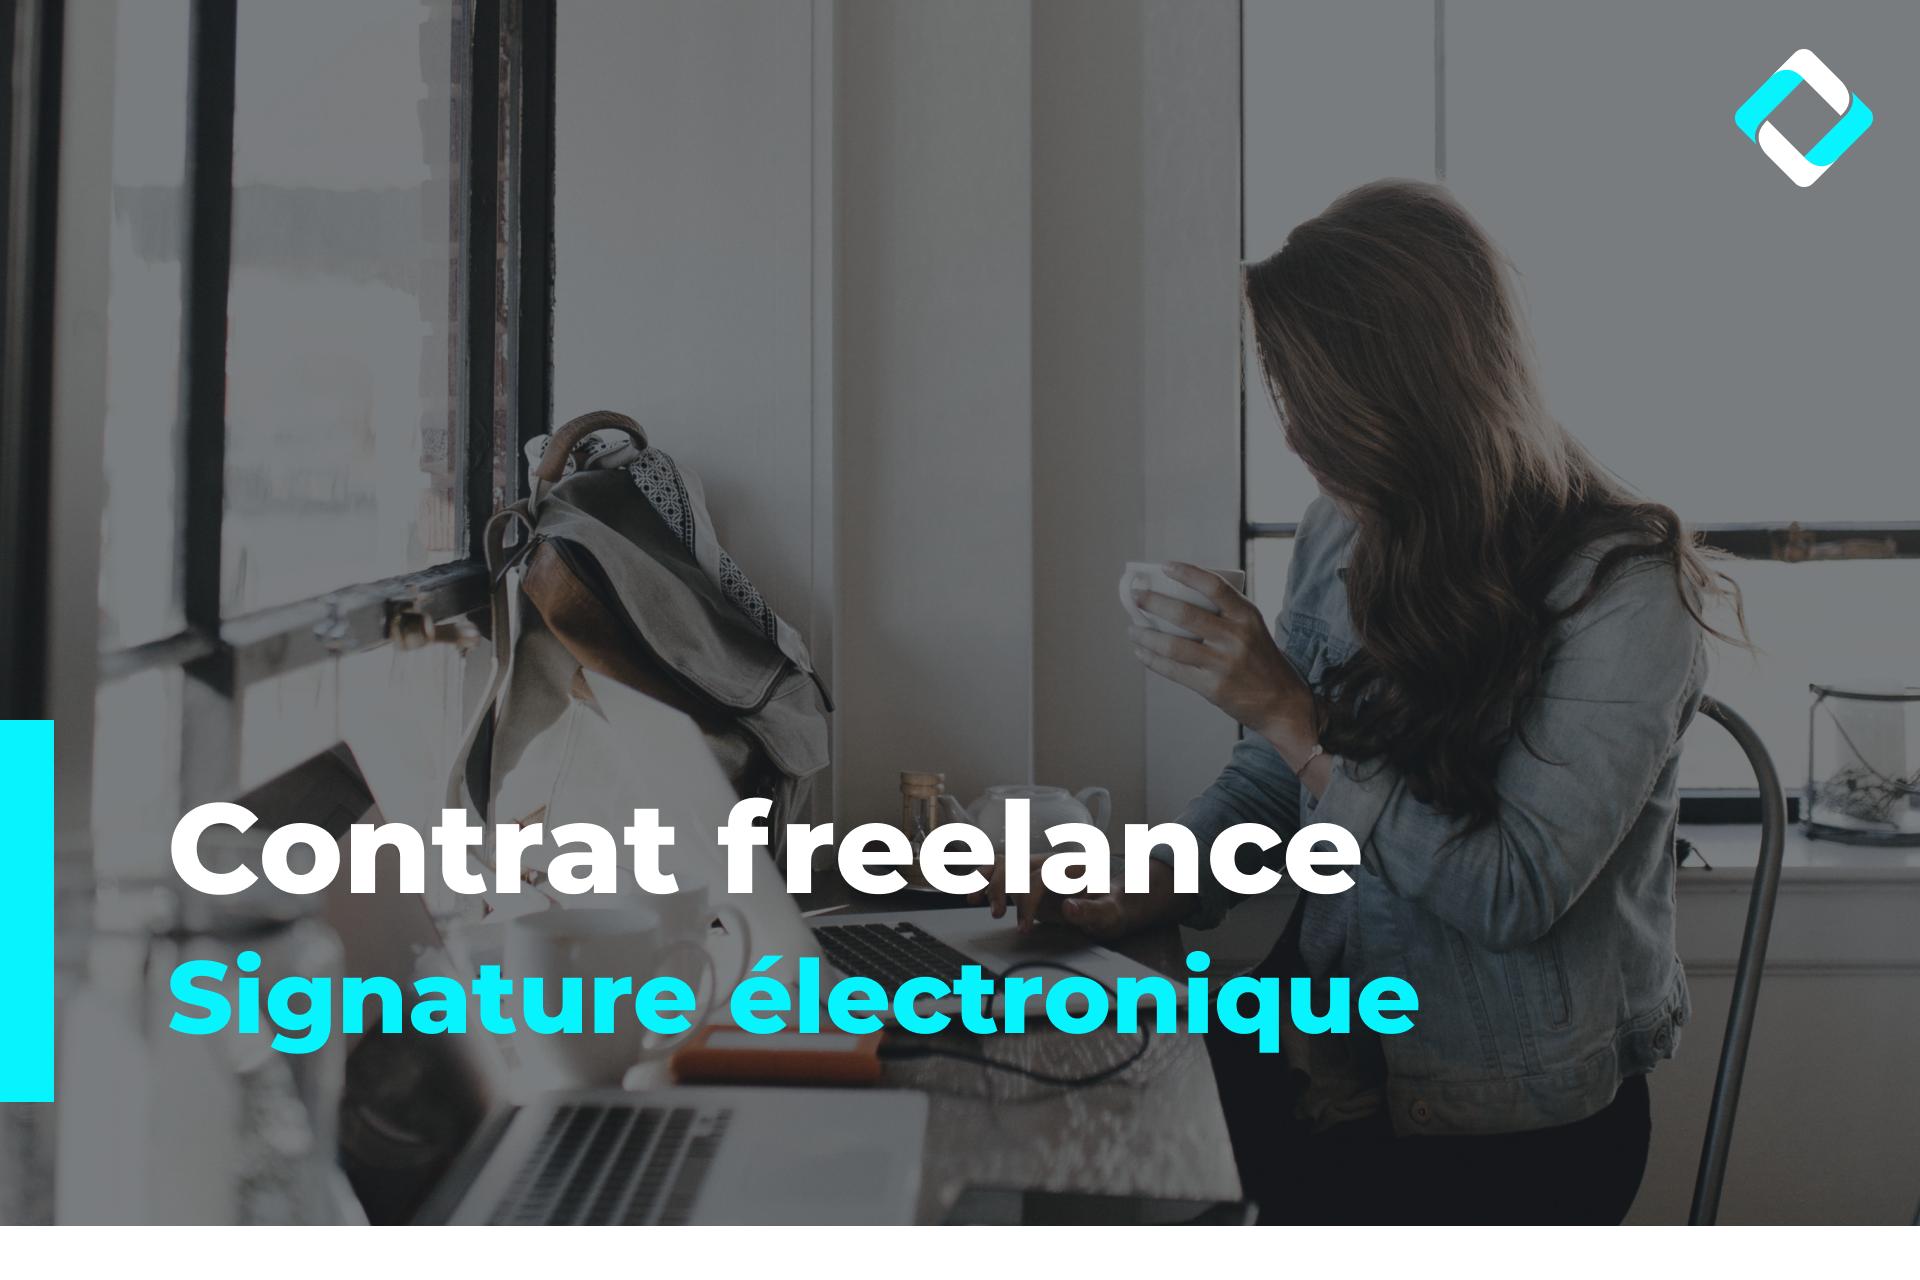 Signature électronique du contrat freelance